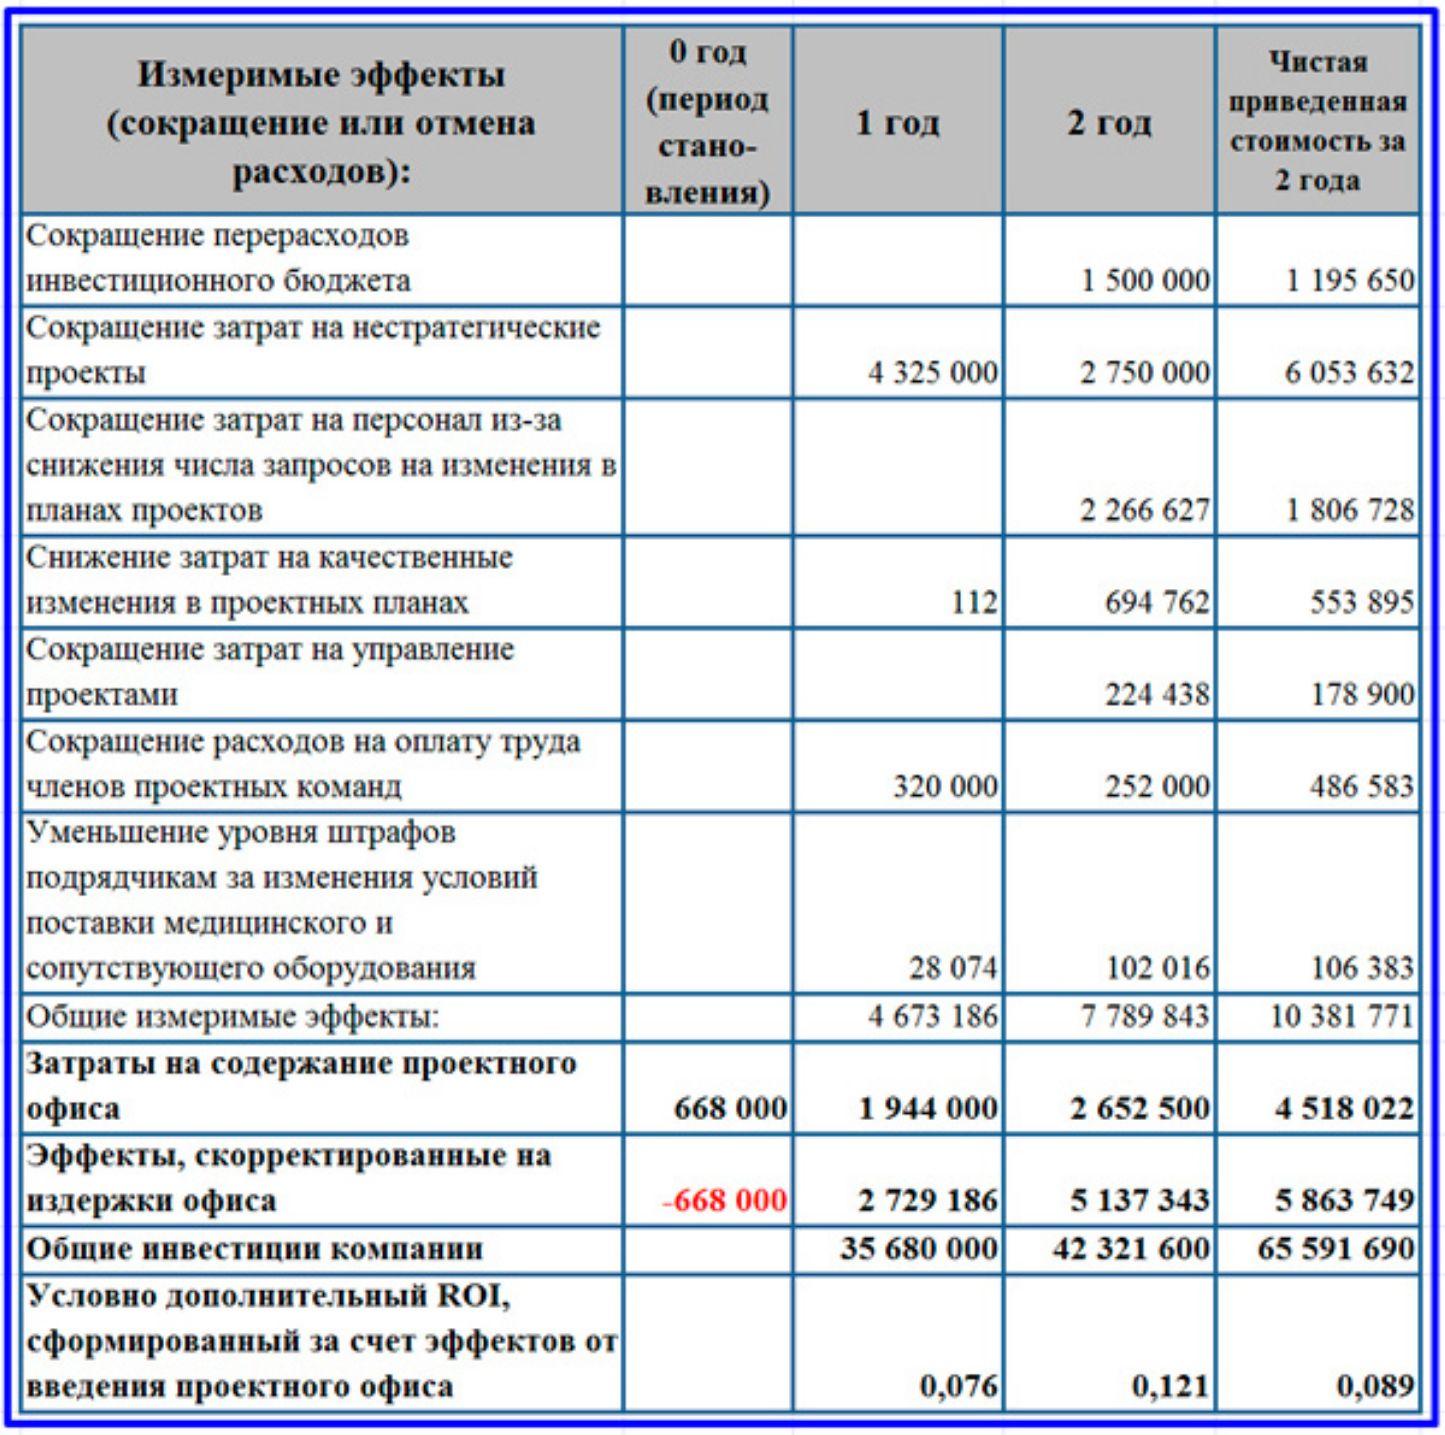 Пример расчета экономической эффективности от введения проектного офиса